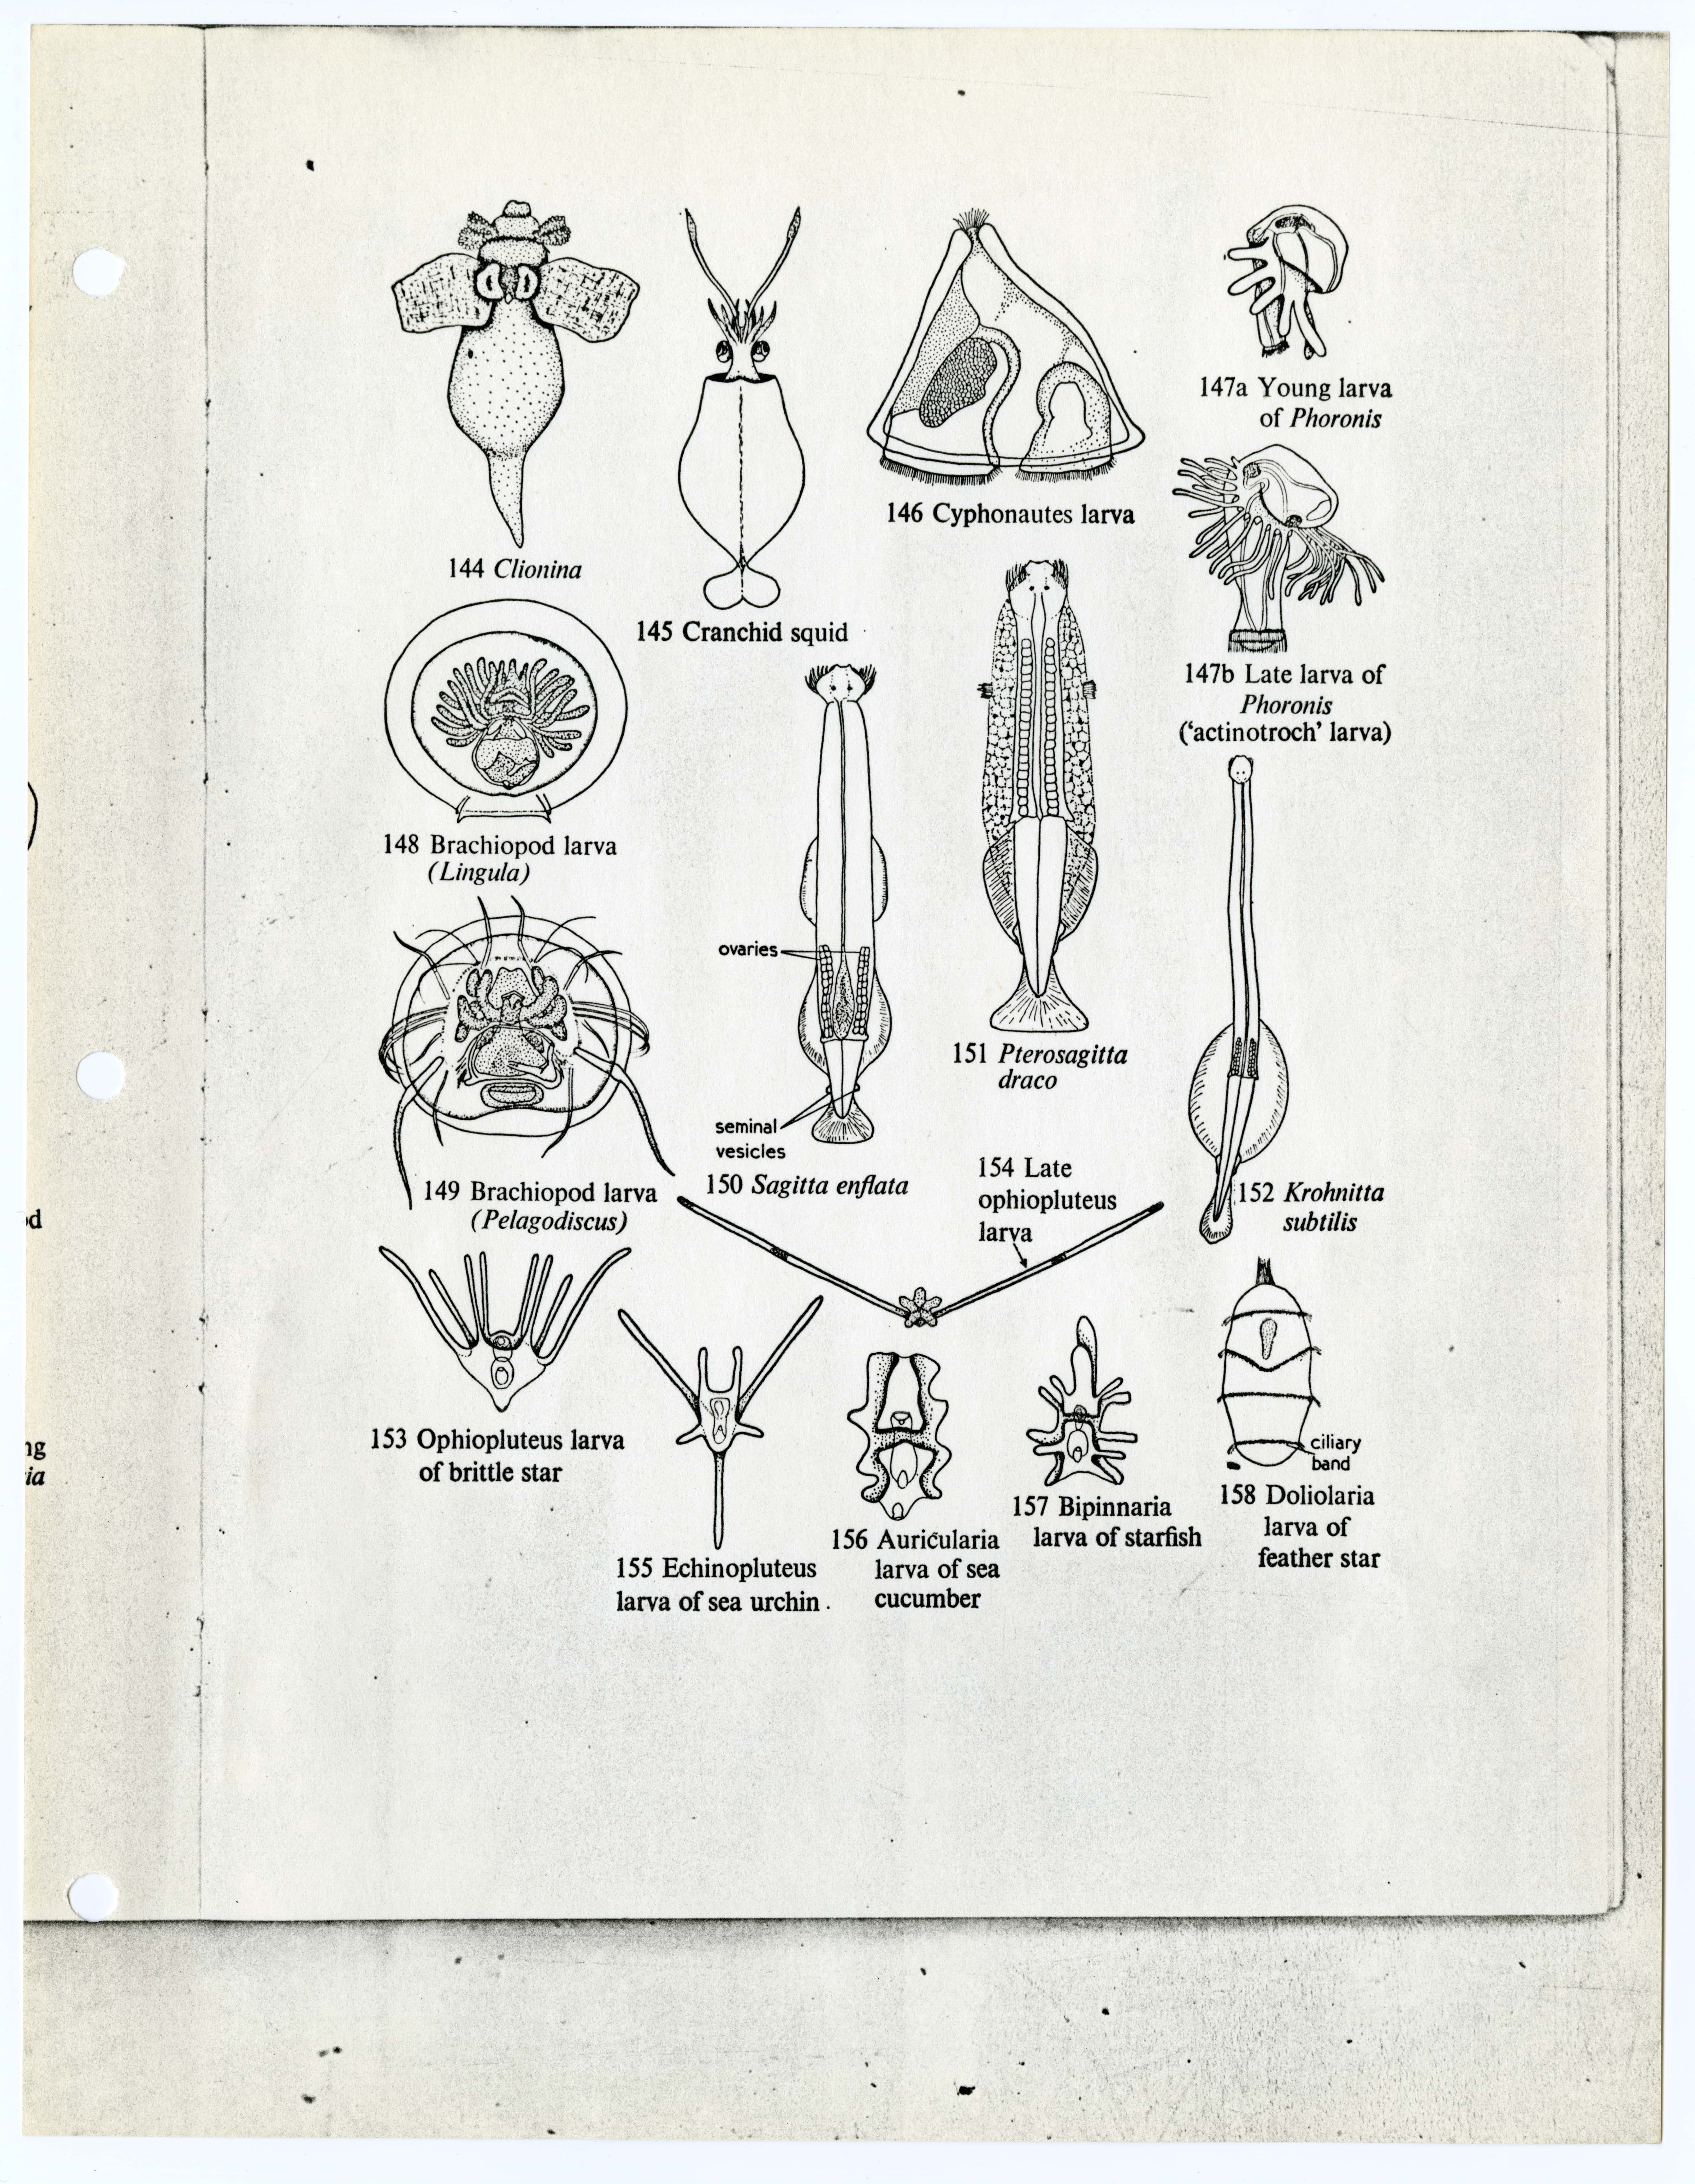 Si Conversion Chart: Plankton identification chart Vema cruise 27.jpg - Wikimedia ,Chart